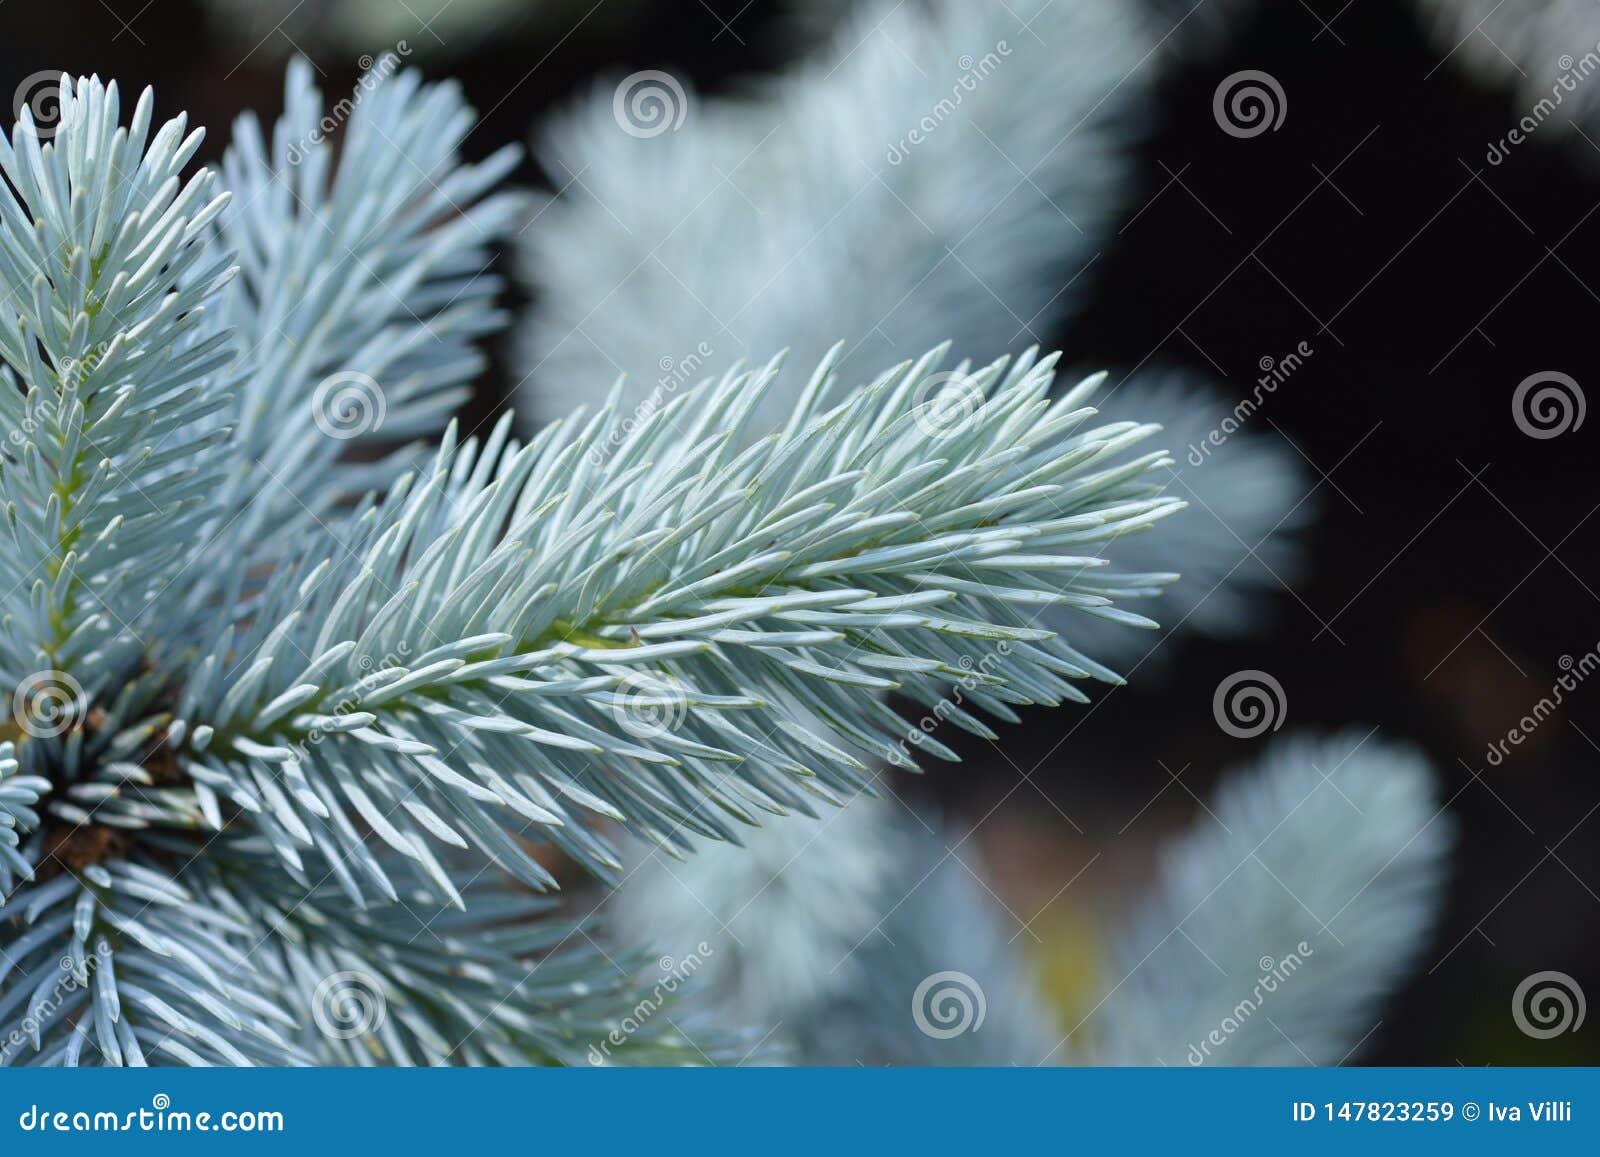 Hoops Colorado blue spruce